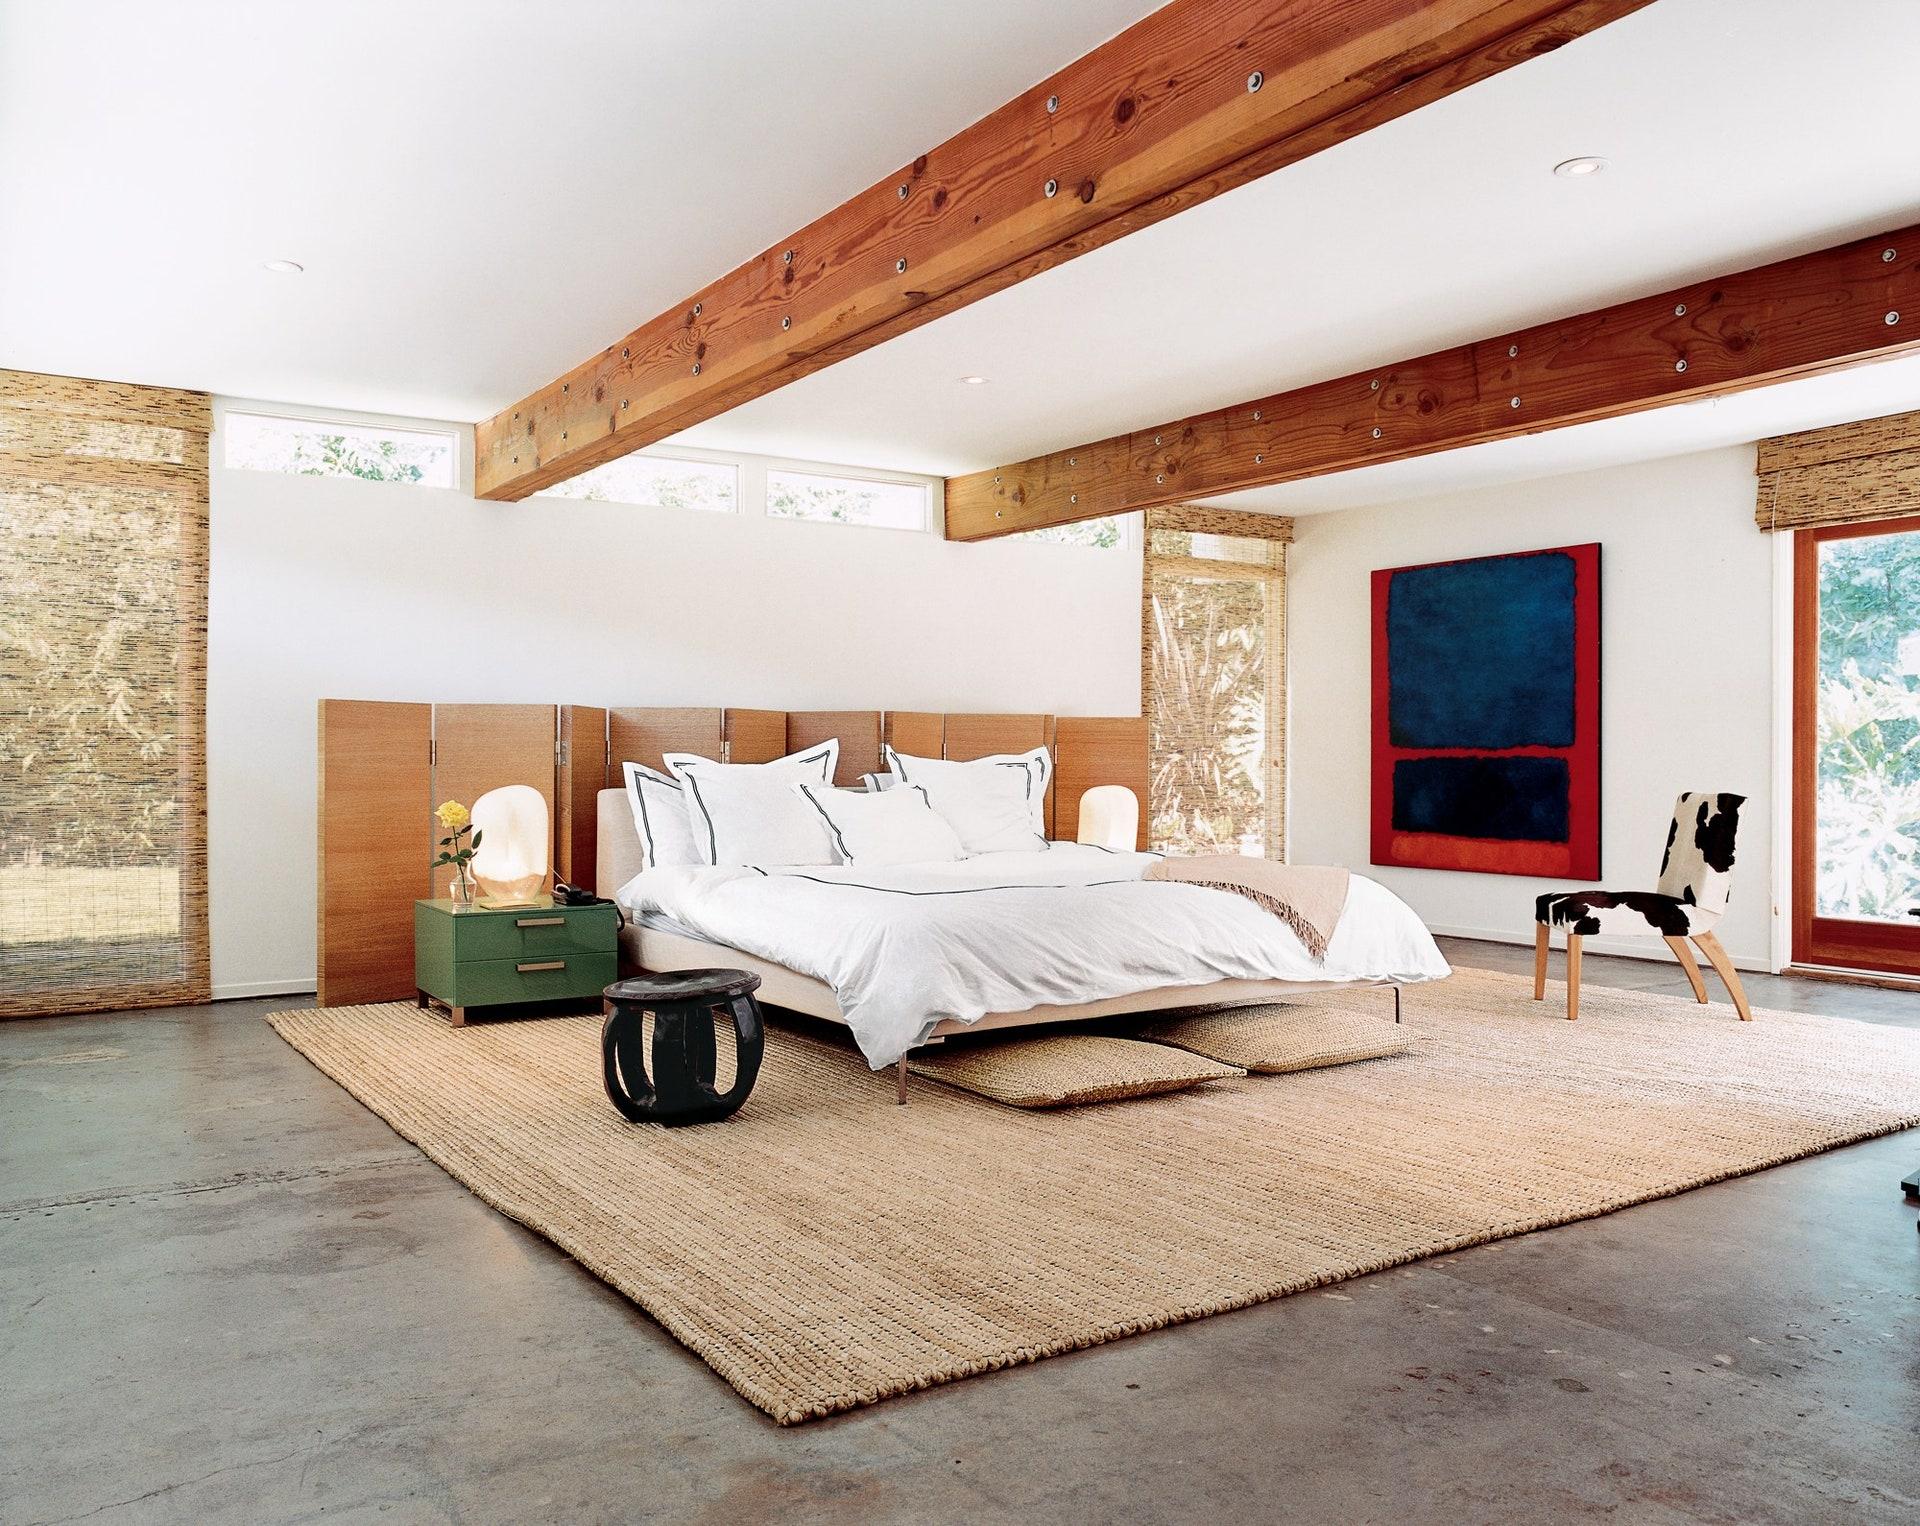 bedroom design Bedroom Design Inspiration For This Summer lede a guide to summer bedding 1